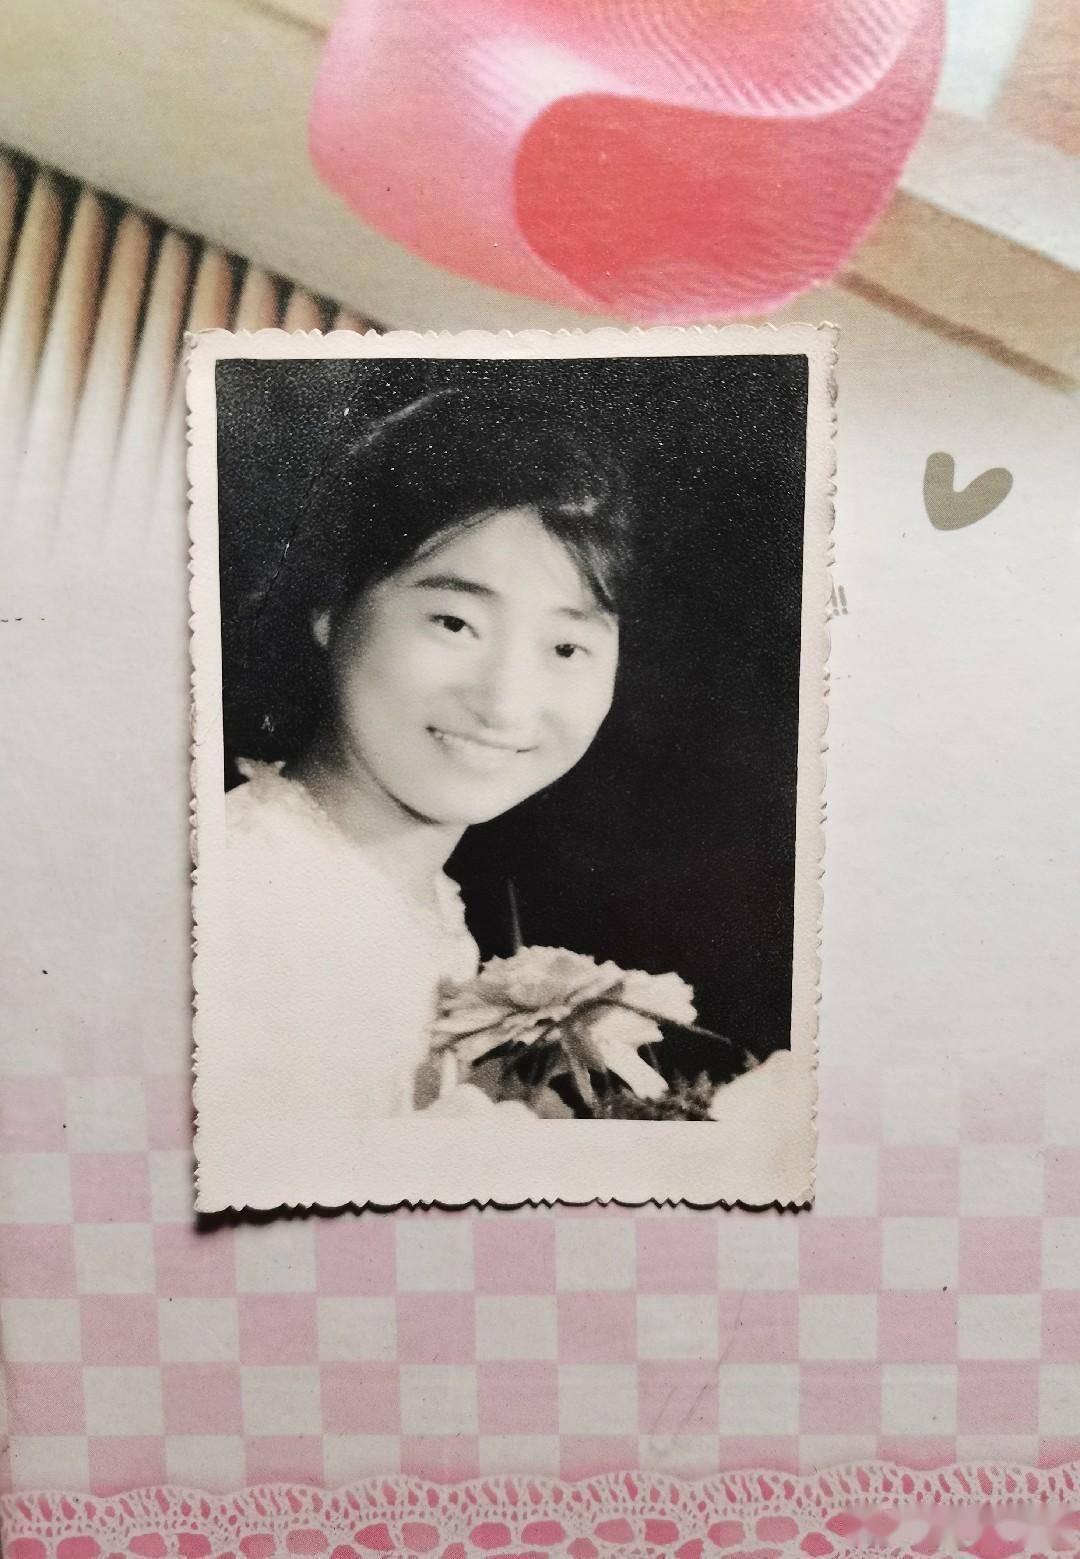 旧时光影像:我和一朵小红花